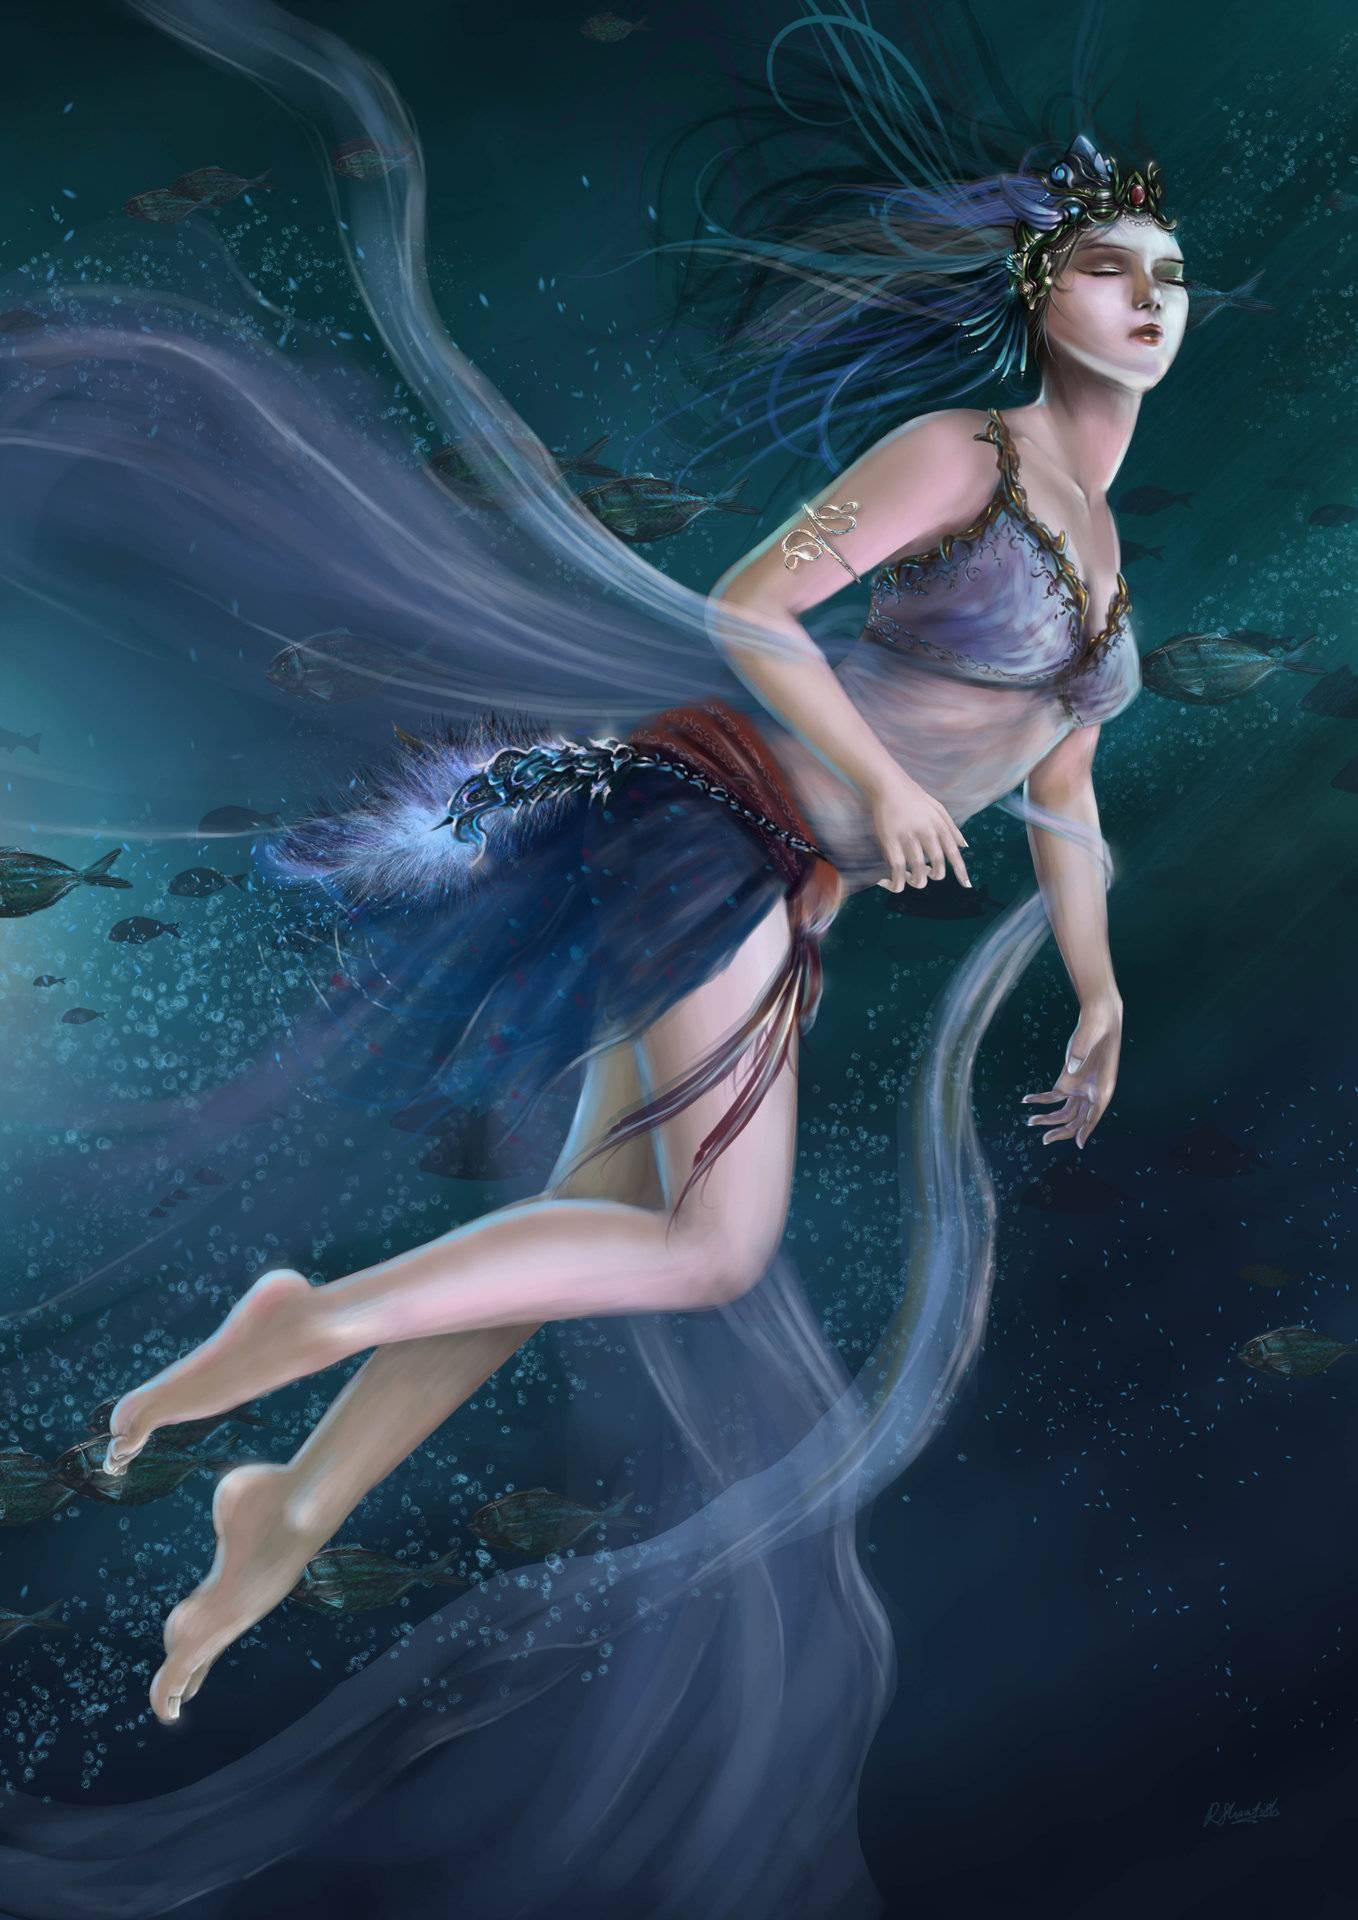 Нереиды — морские сестры из греческой мифологии. таинственные нереиды легенды о плеядах